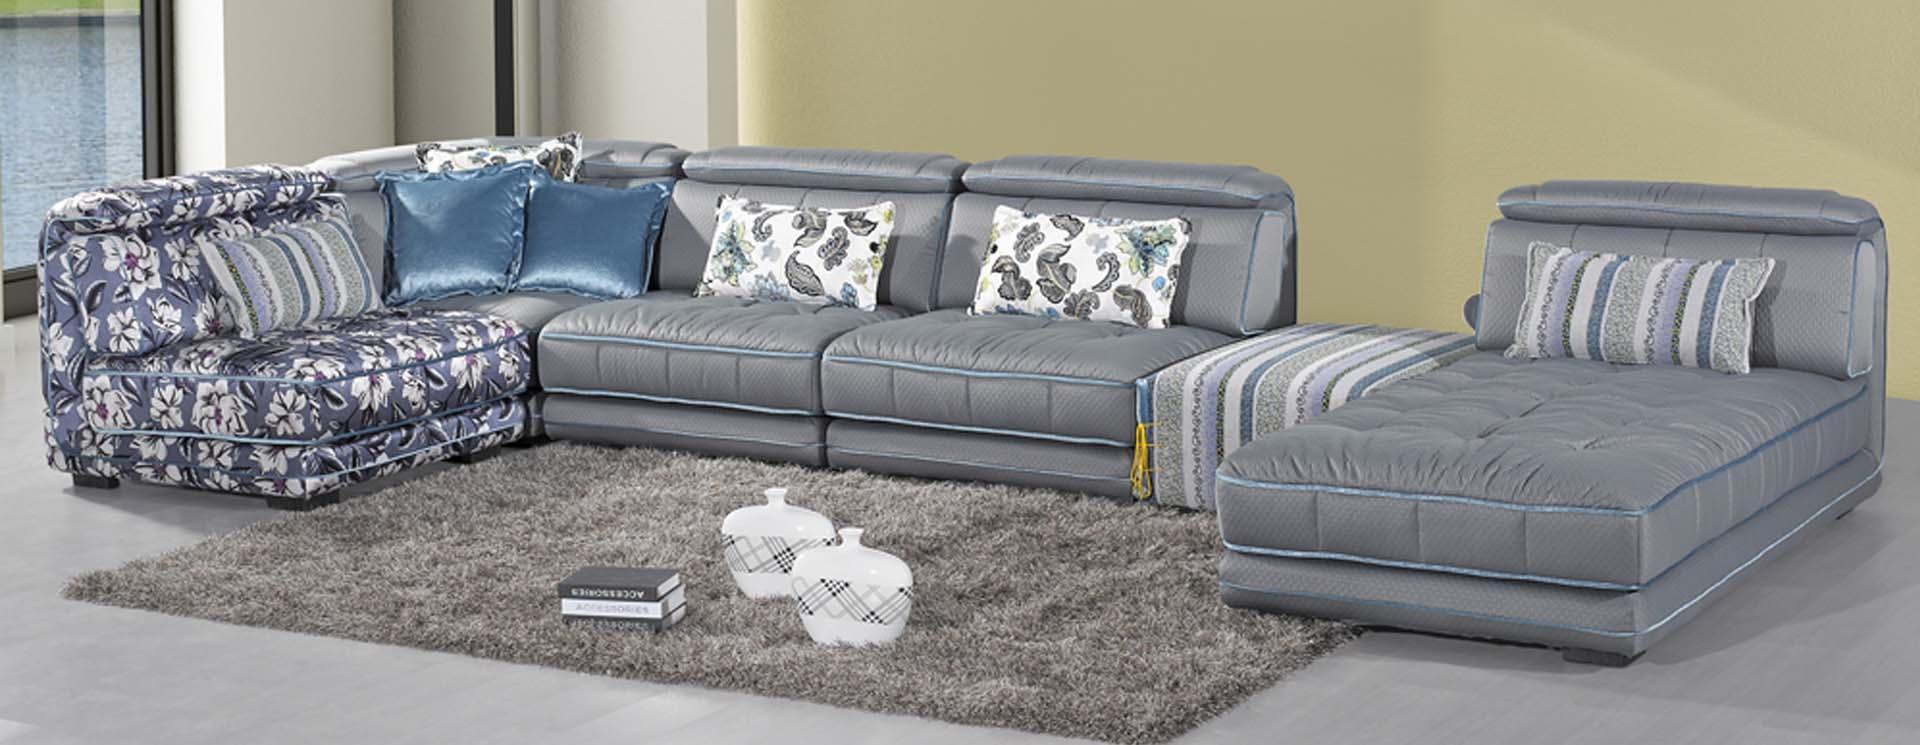 名称:沙发E-690A#<br/> 市场价:<font style='color:#999;text-decoration:line-through;'>¥0</font><br />全国统一零售价:<font color='Red'>¥0.0</font>